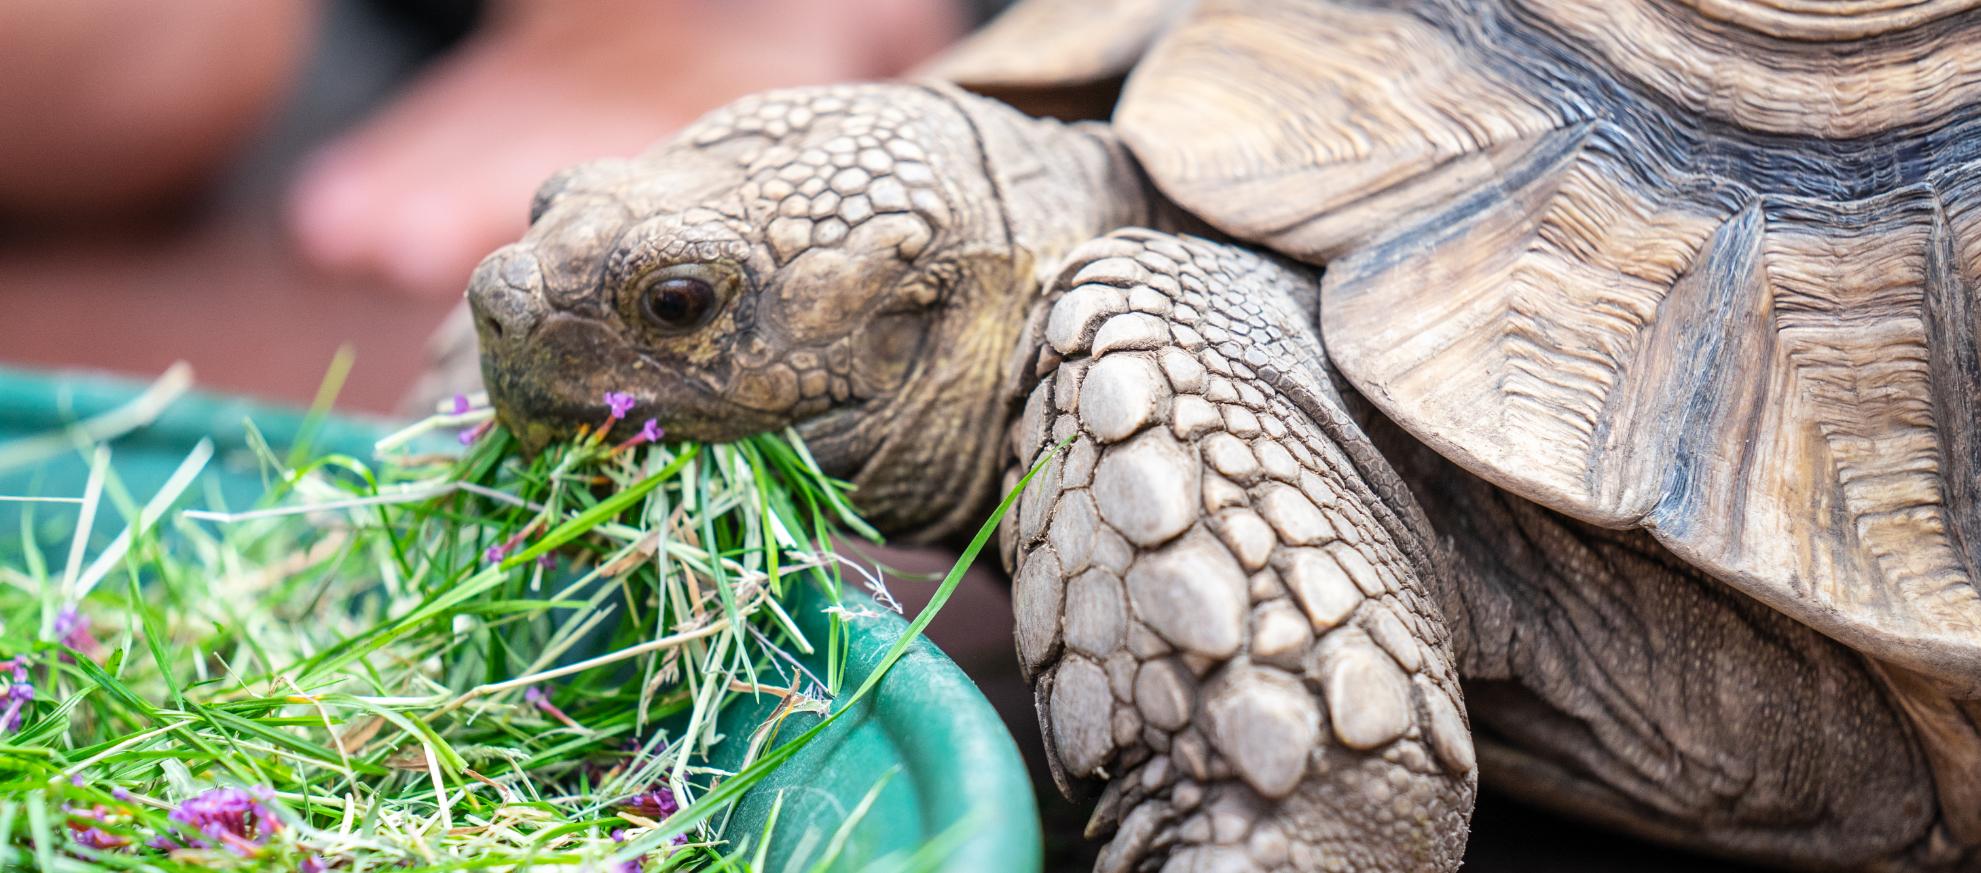 hvad spiser en landskildpadde